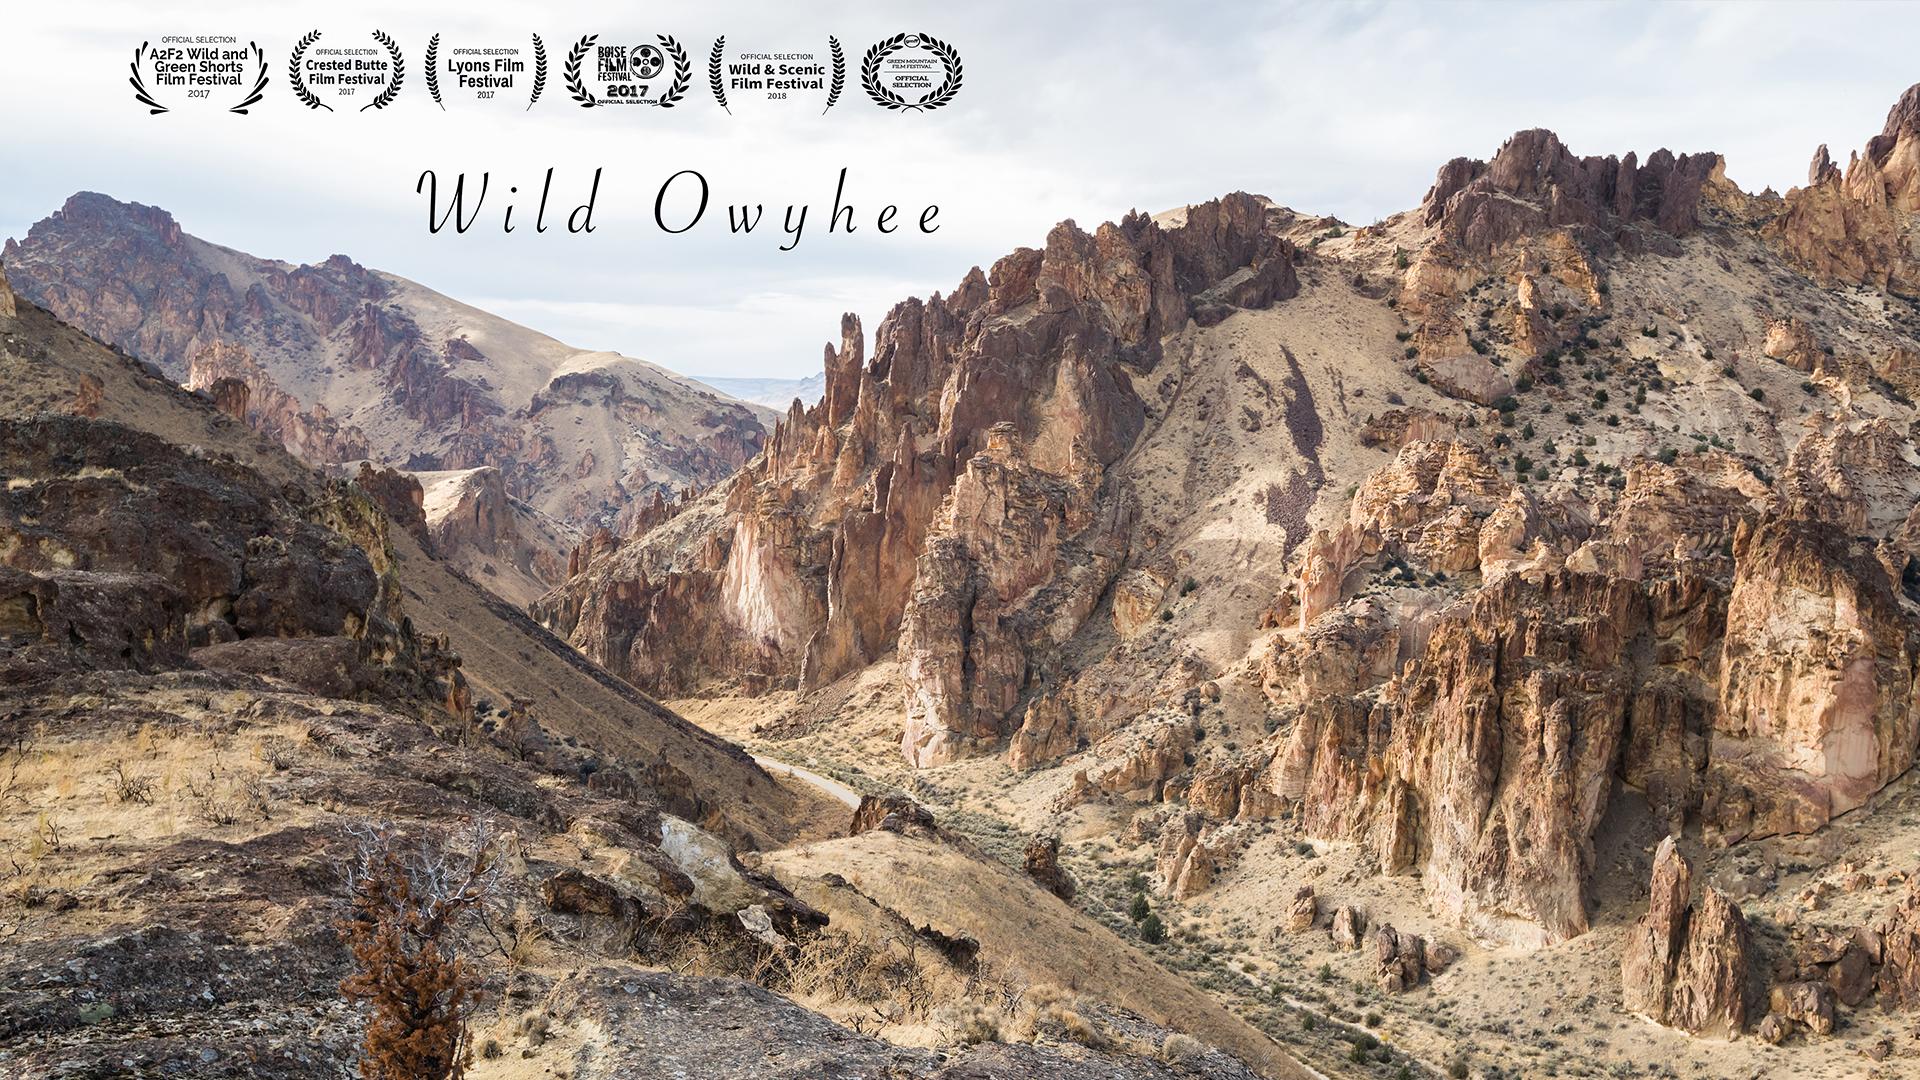 Wild Owyhee